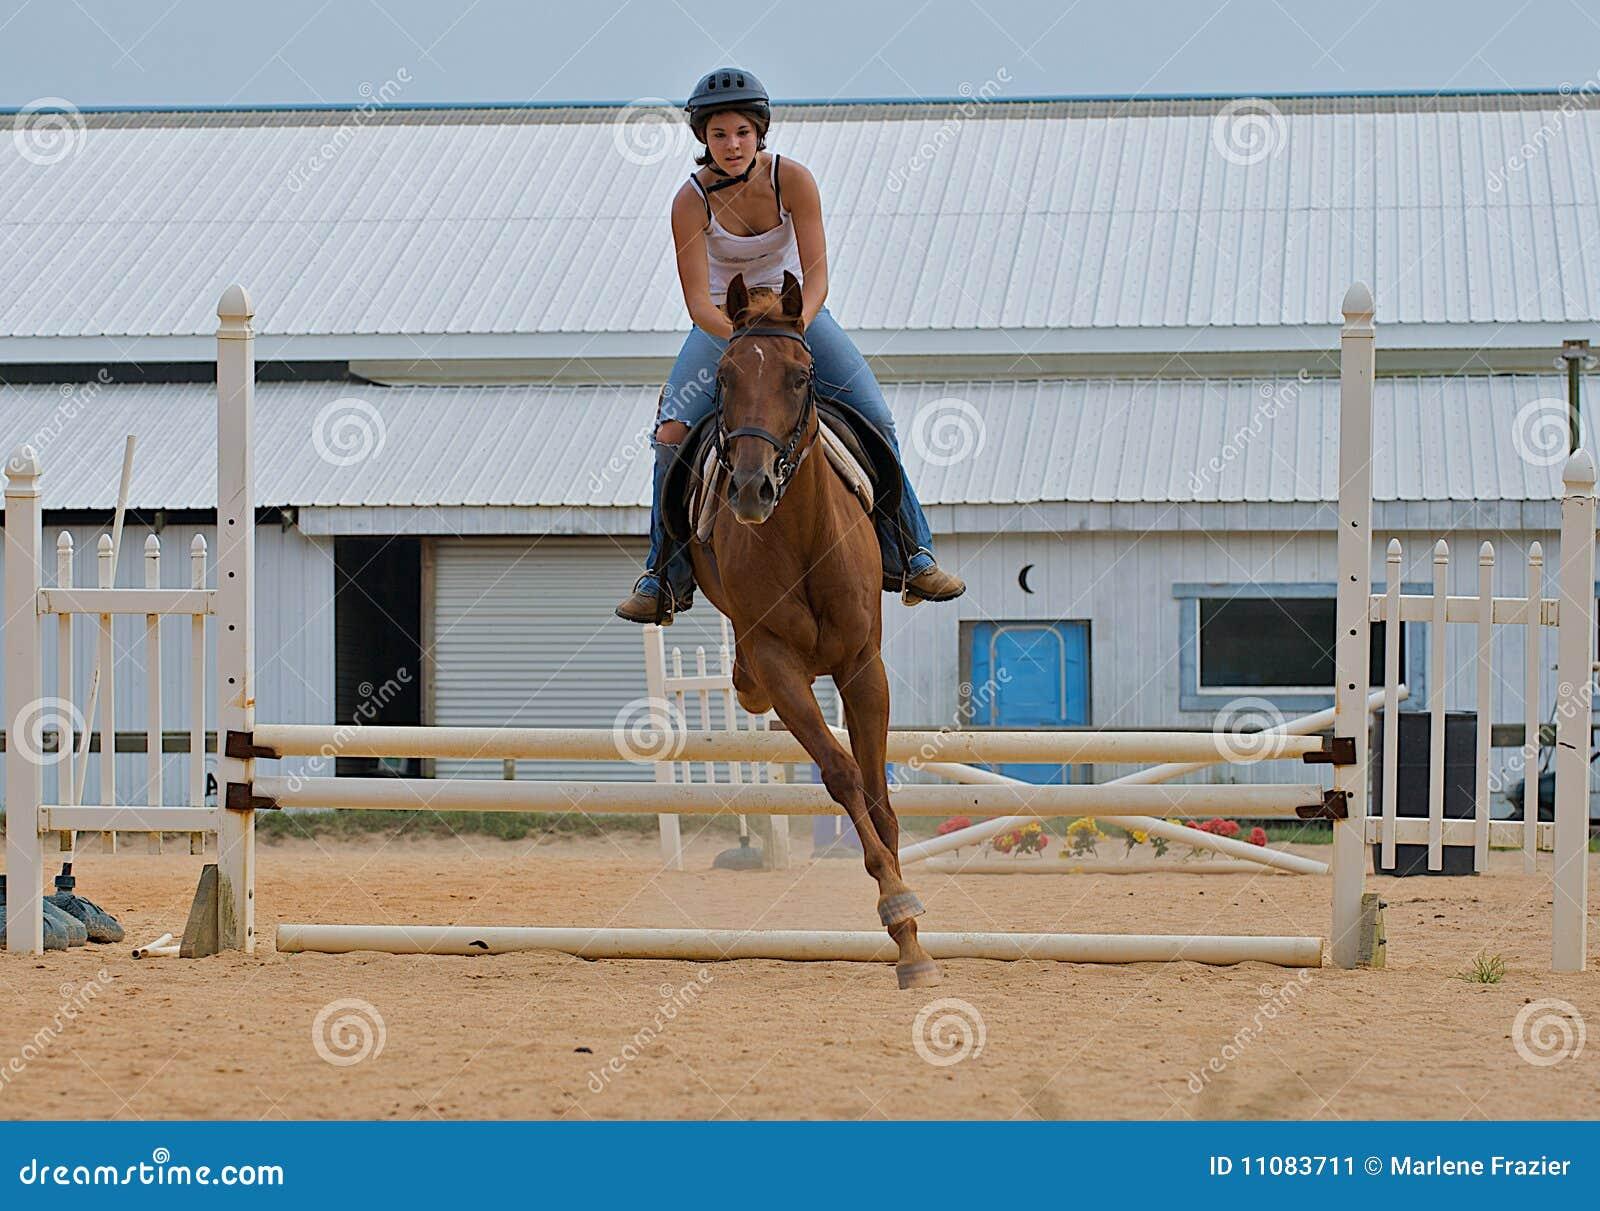 Muchacha adolescente atlética que salta un caballo sobre los carriles.